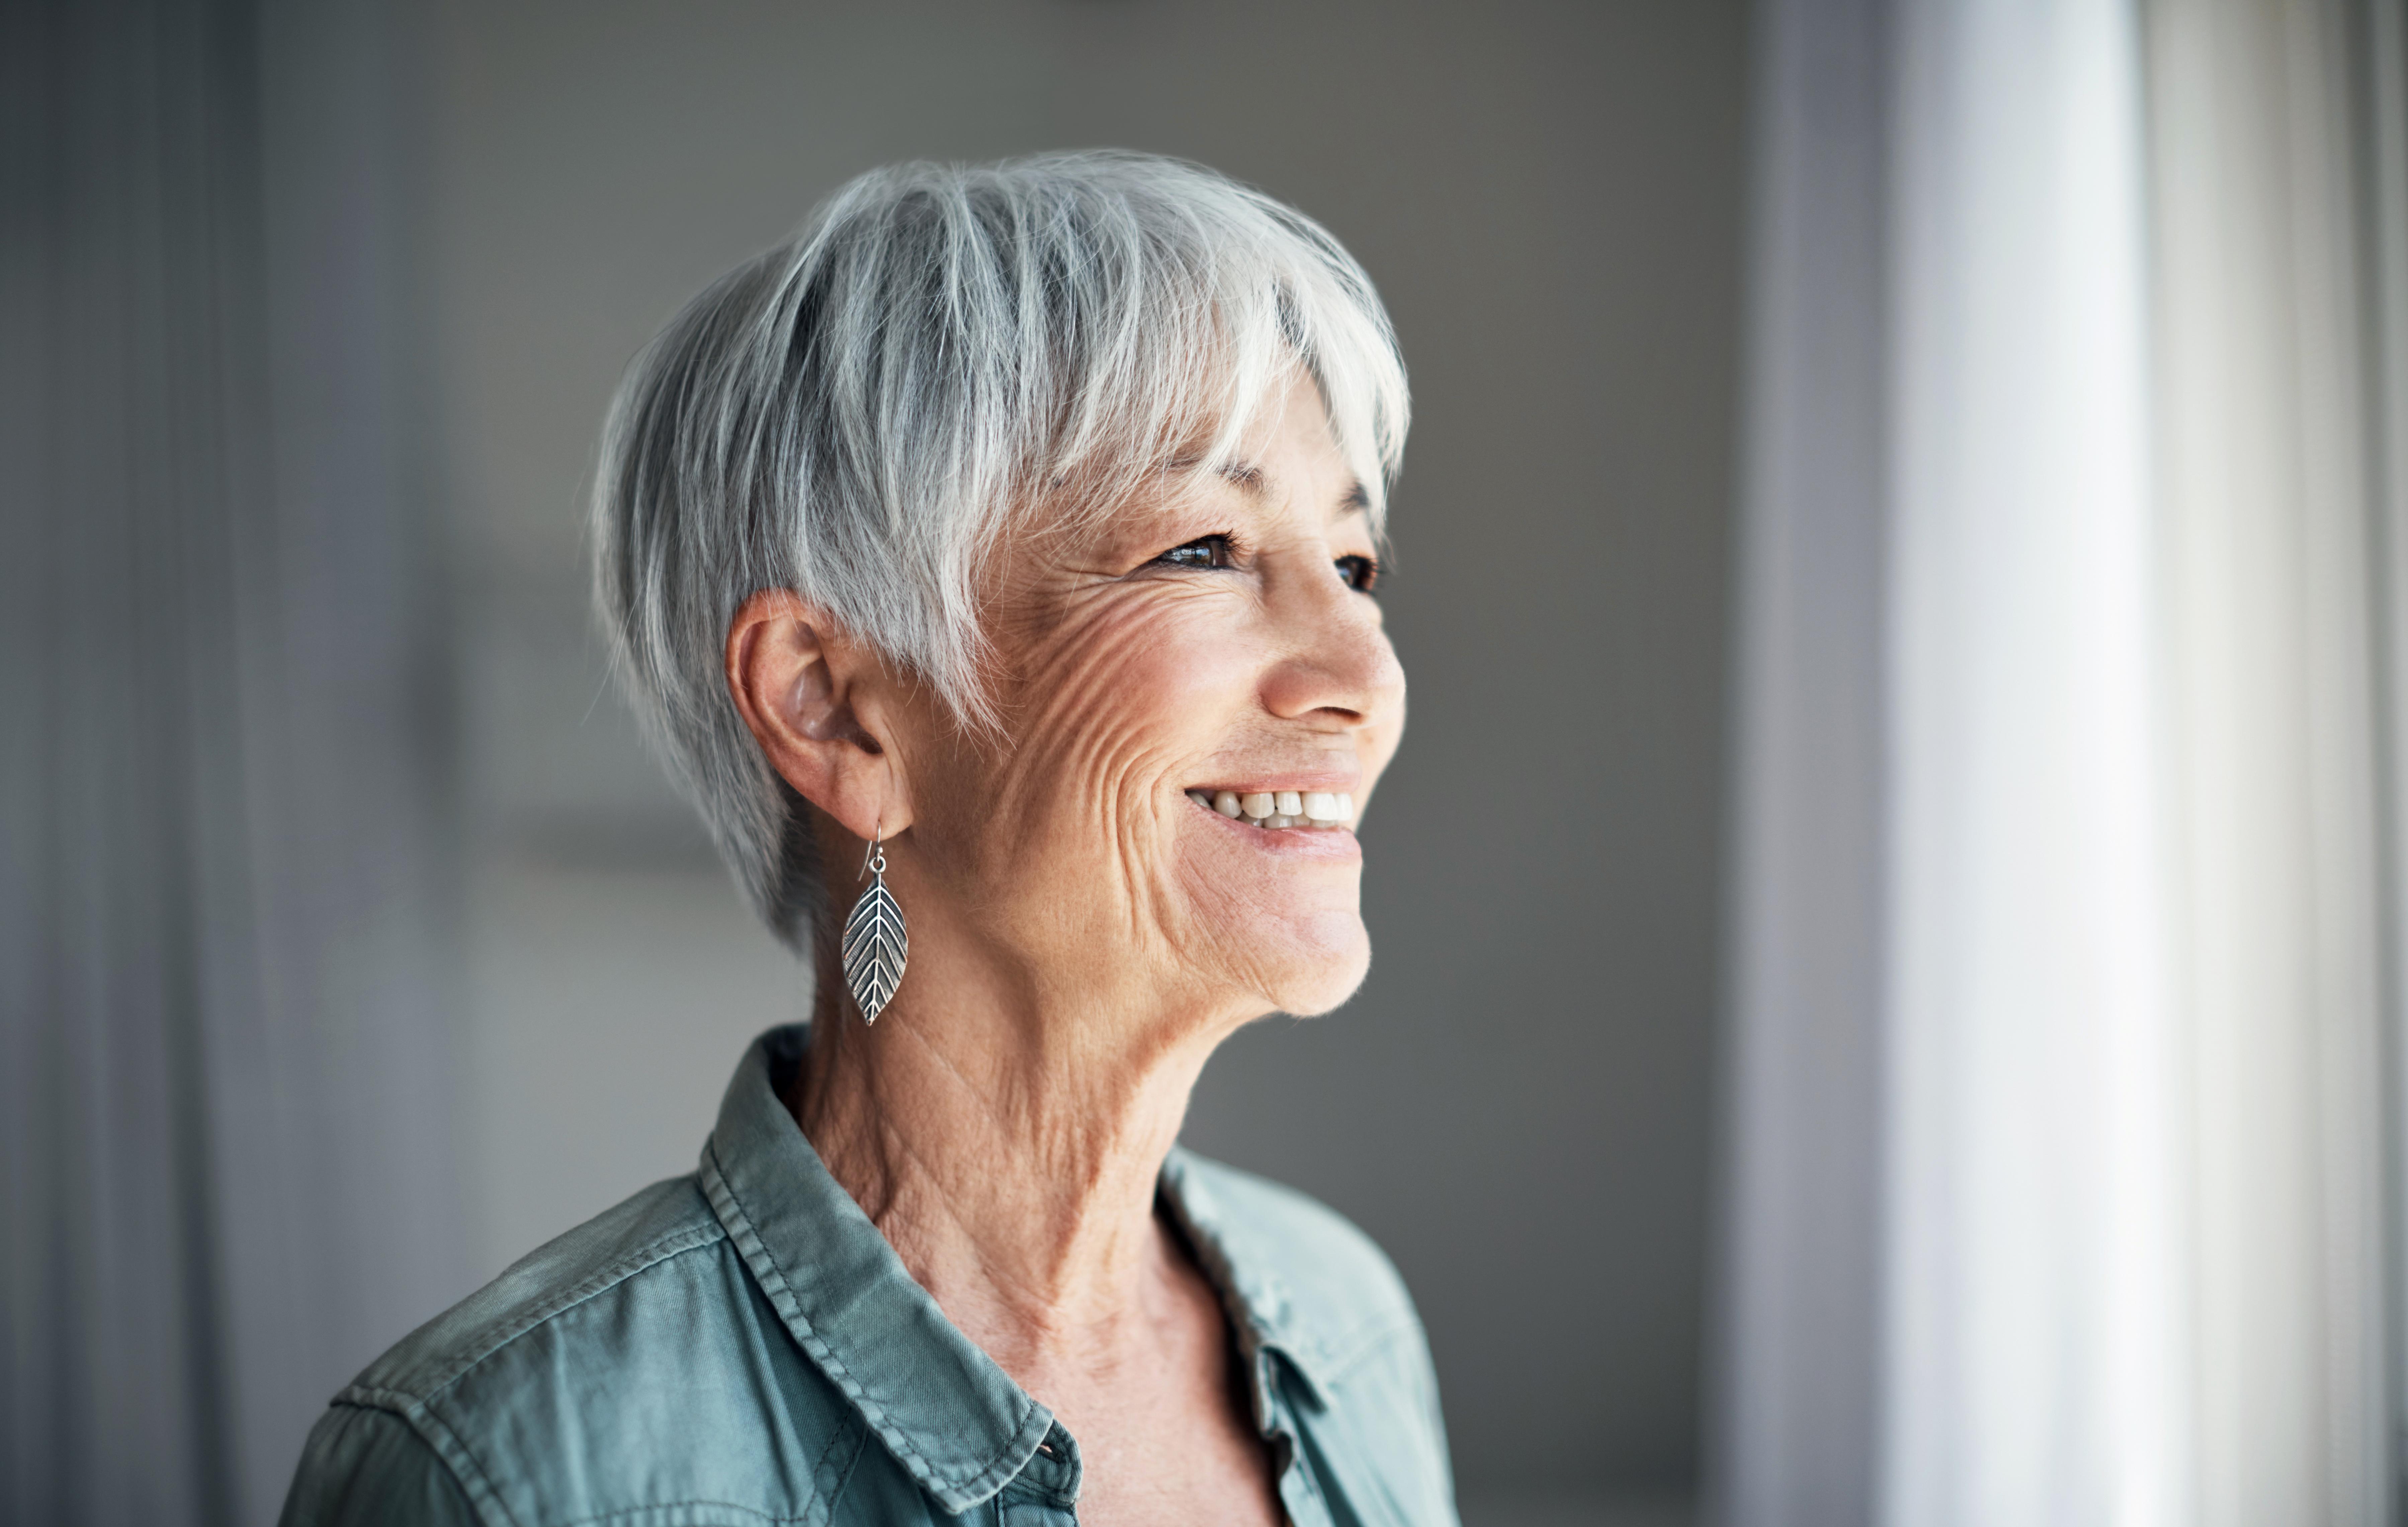 Rauswachsen strähnchen lassen haare graue sperwahtasou: Grau Bild: